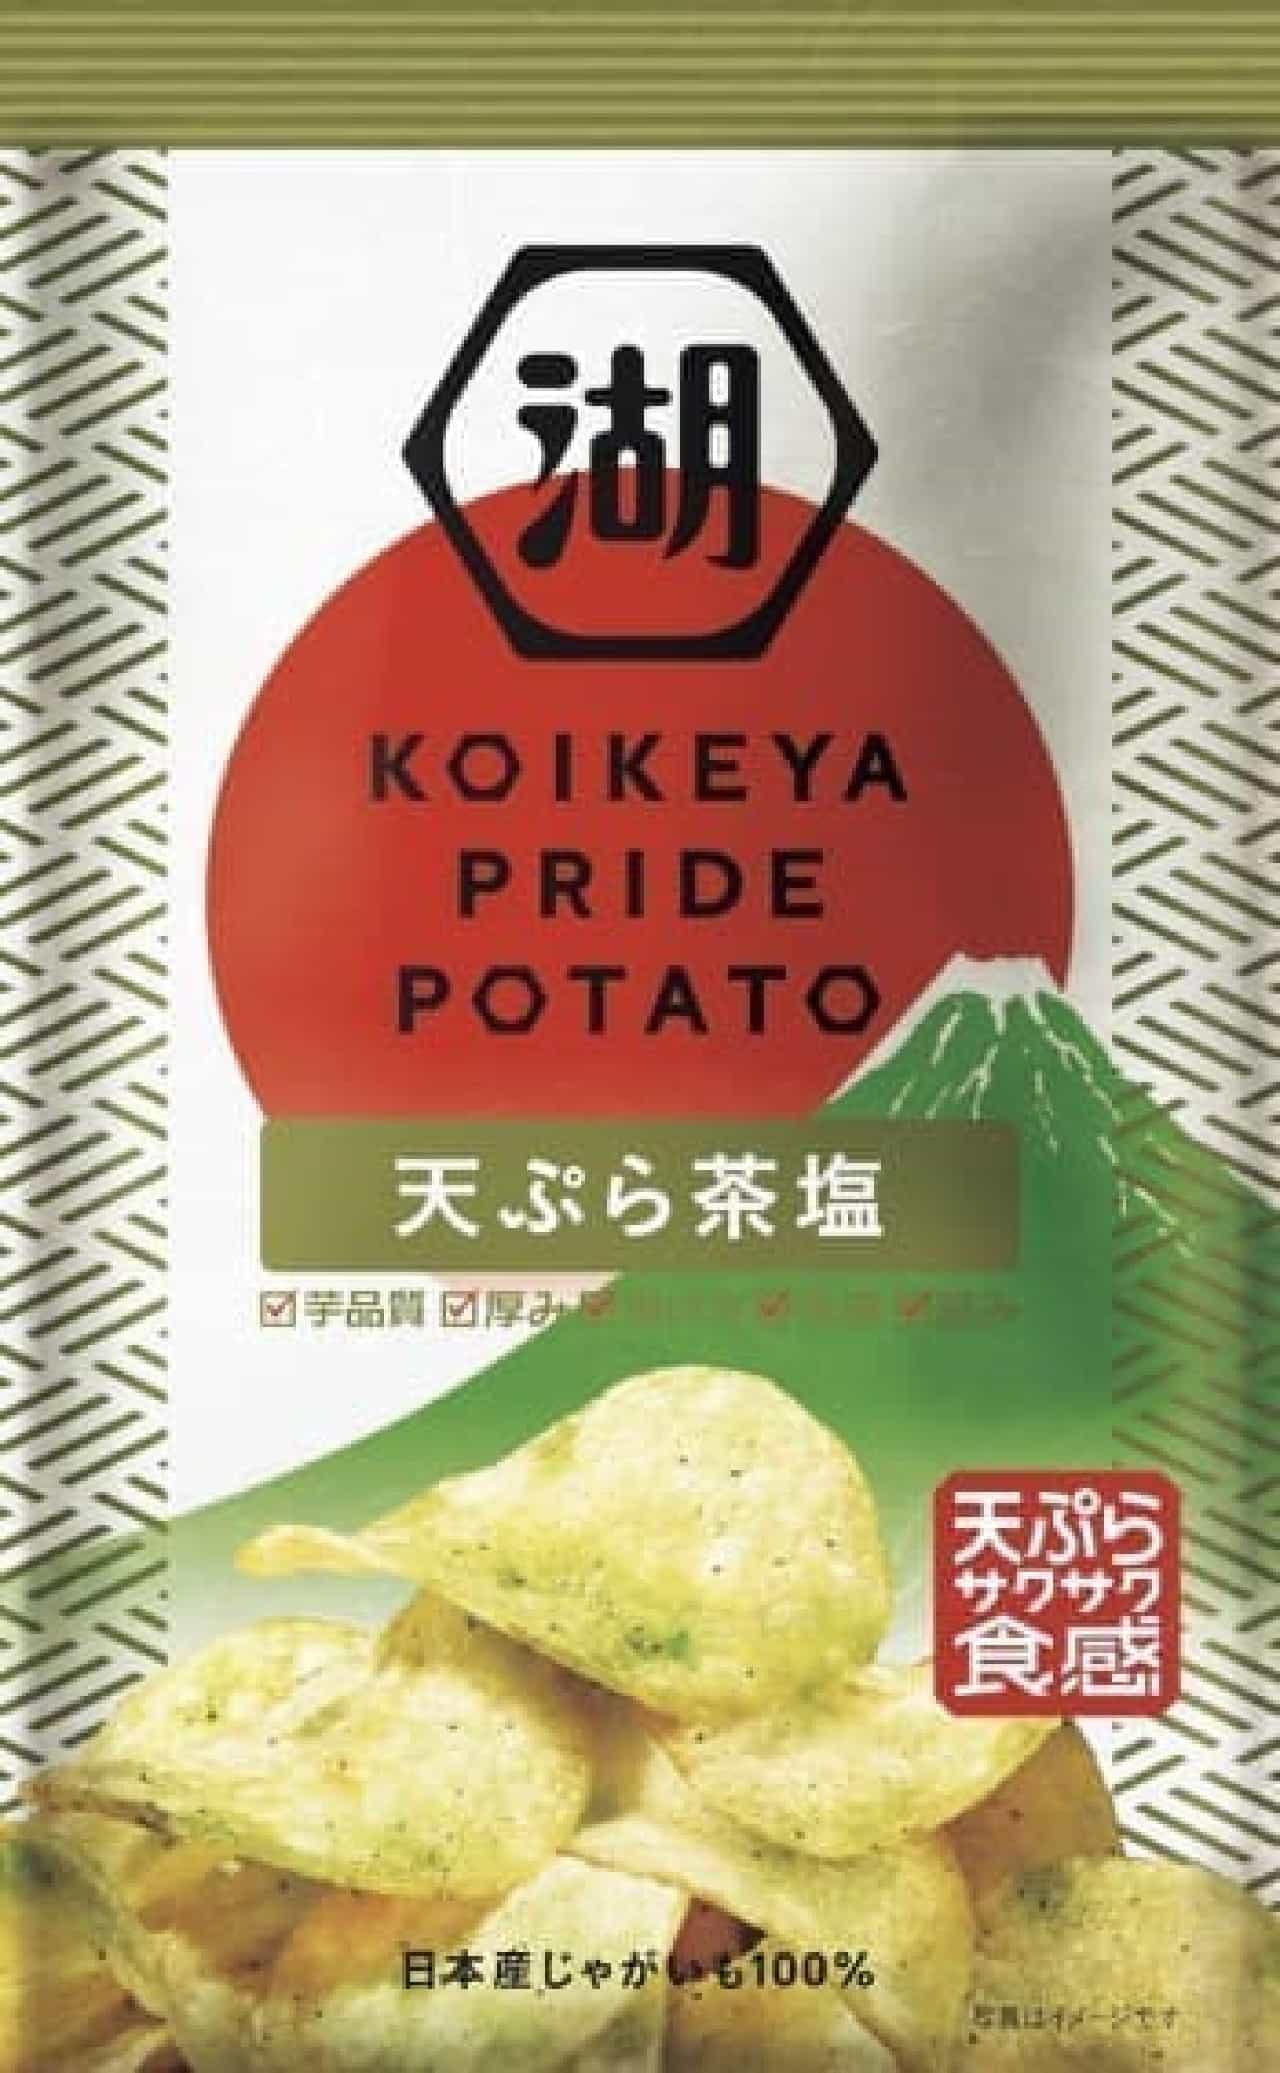 湖池屋「コイケヤプライドポテト 天ぷら茶塩」